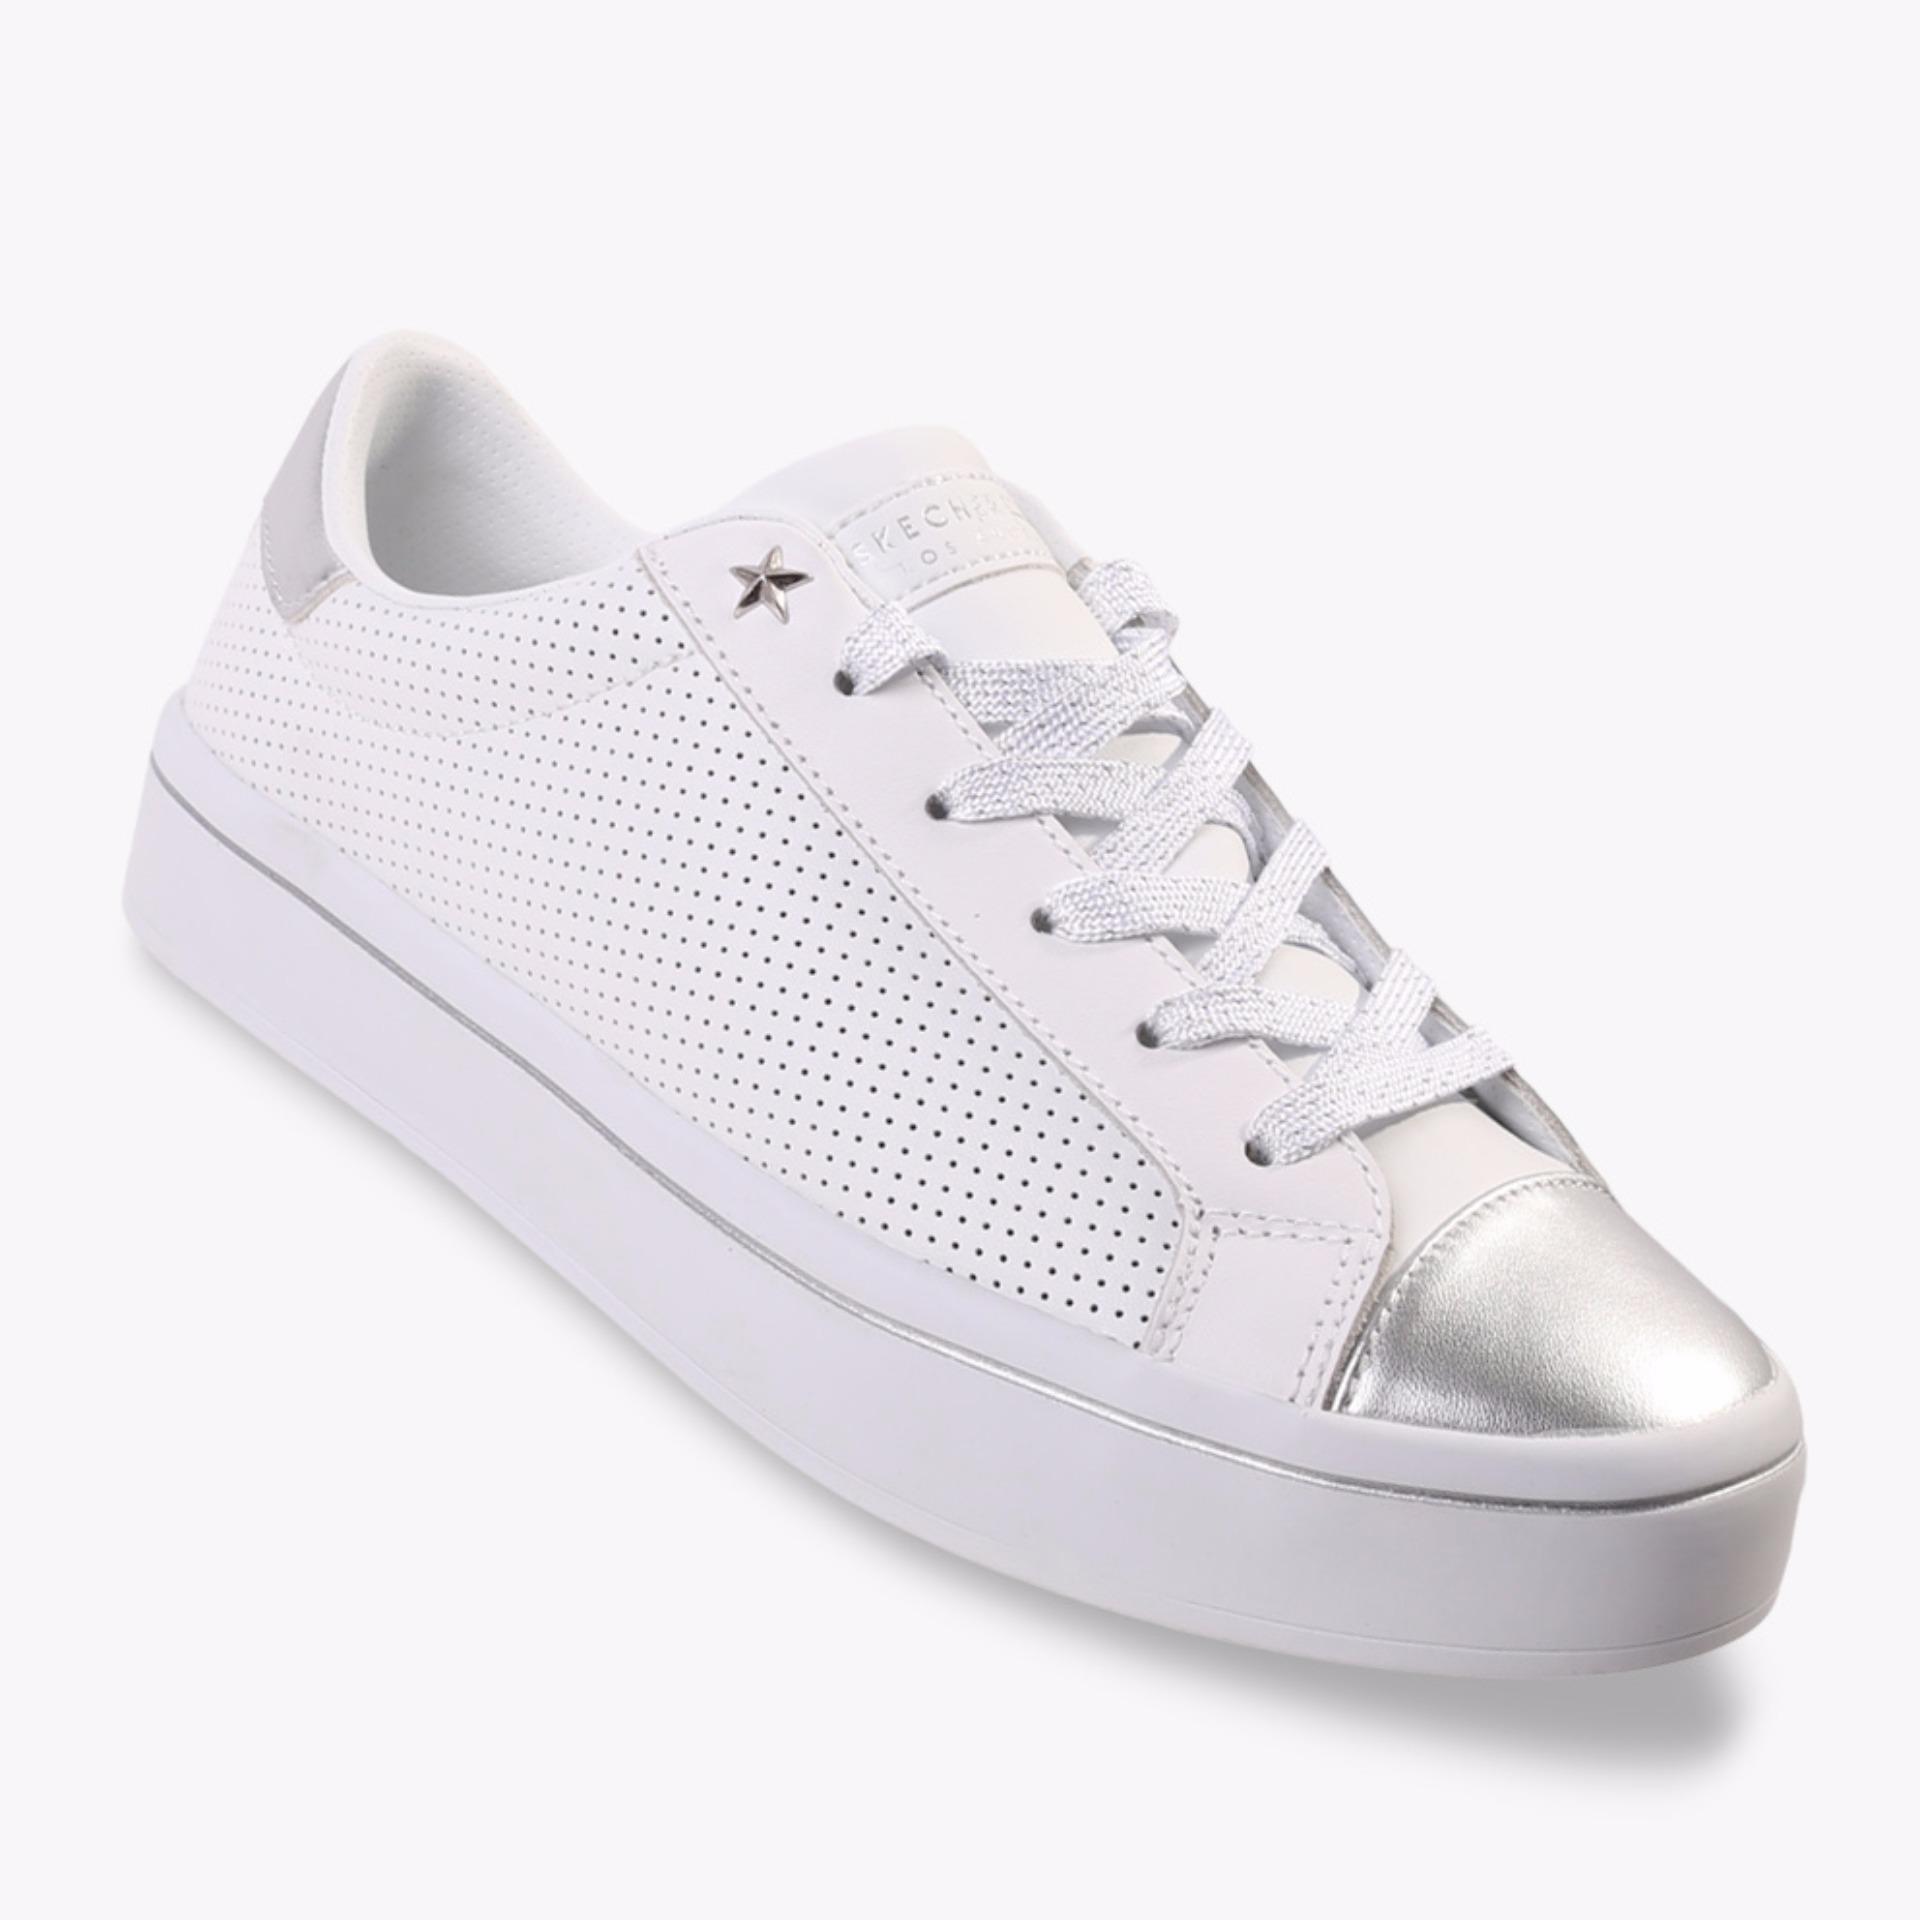 Jual Skechers Hi Lites Magnetoes Women S Sneakers Shoes Putih Murah